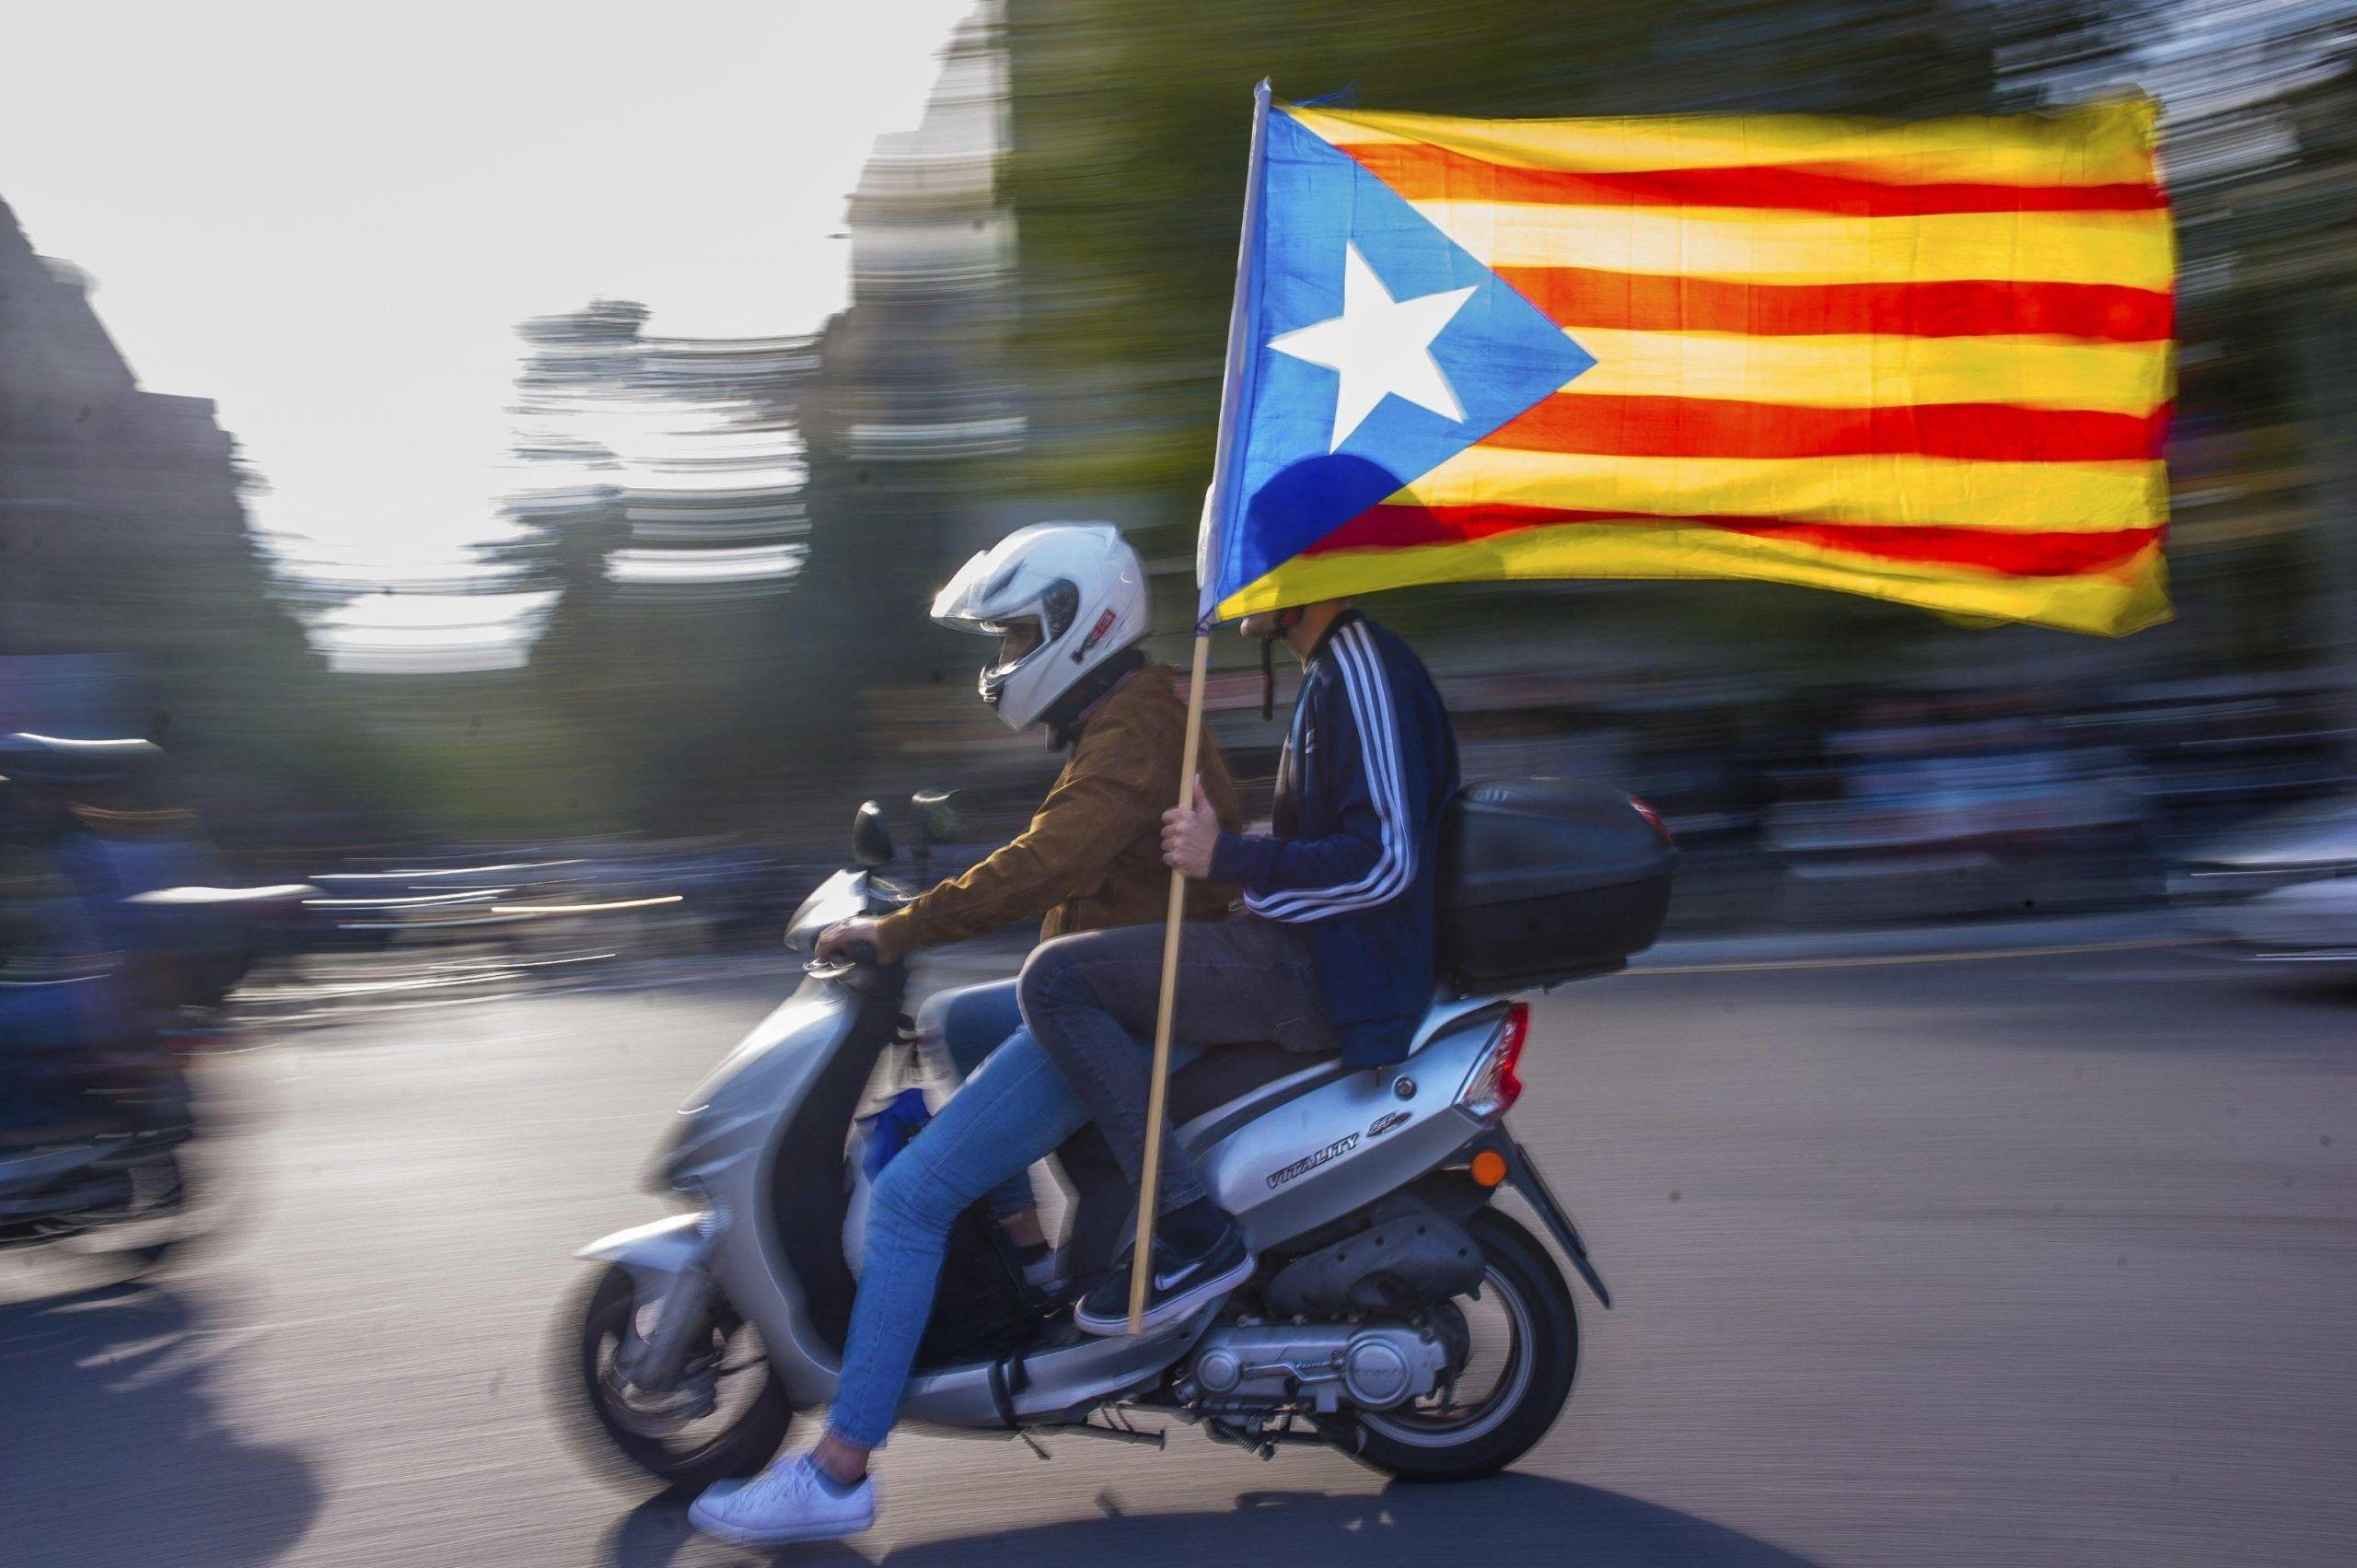 La bandiera della Catalogna: che significato ha l'Estelada?